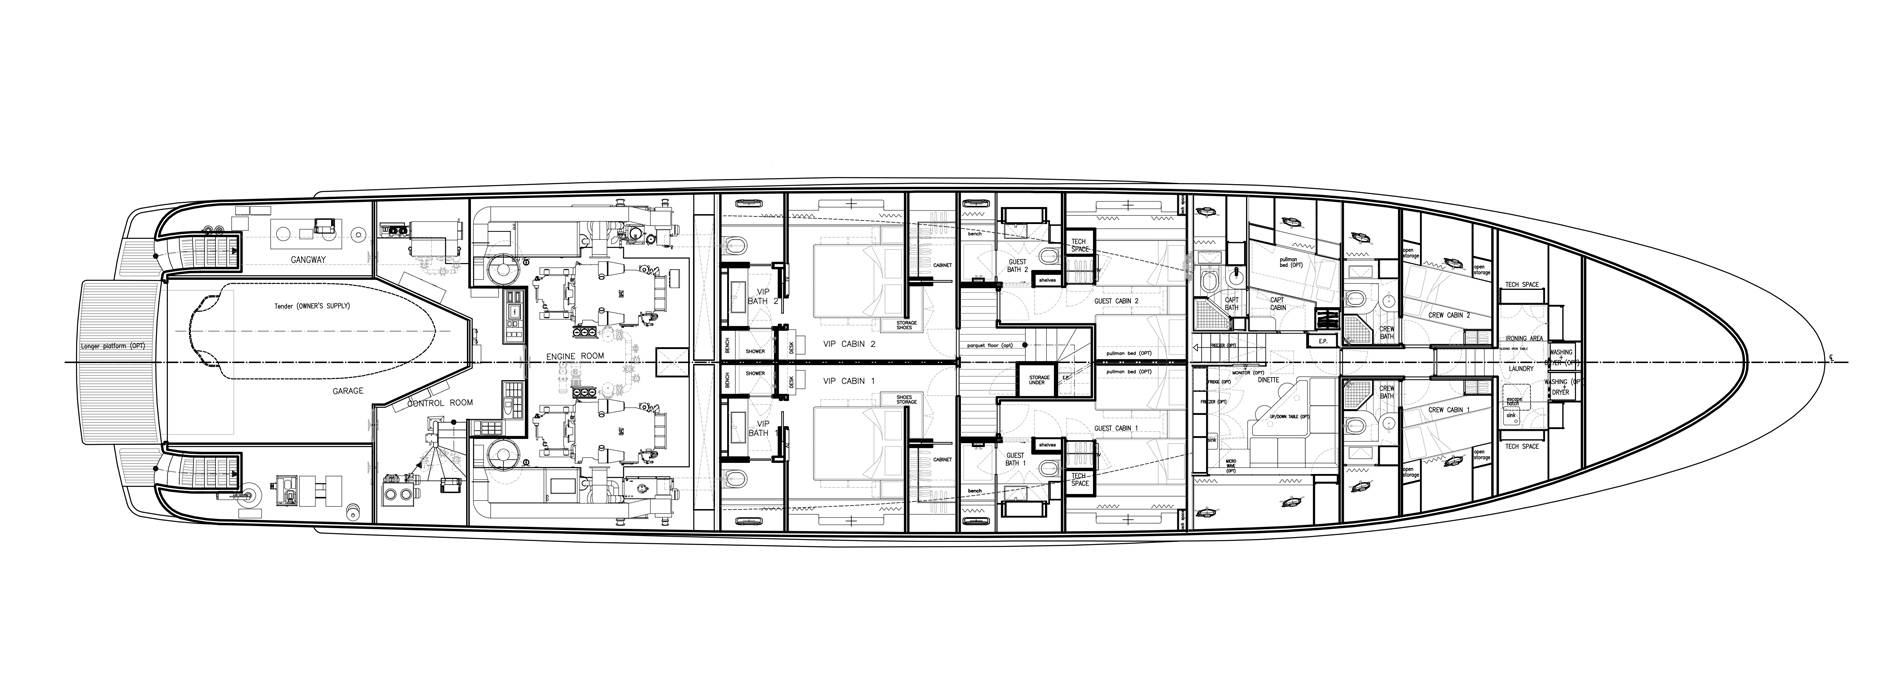 Sanlorenzo Yachts SD122-27 under offer Lower Deck